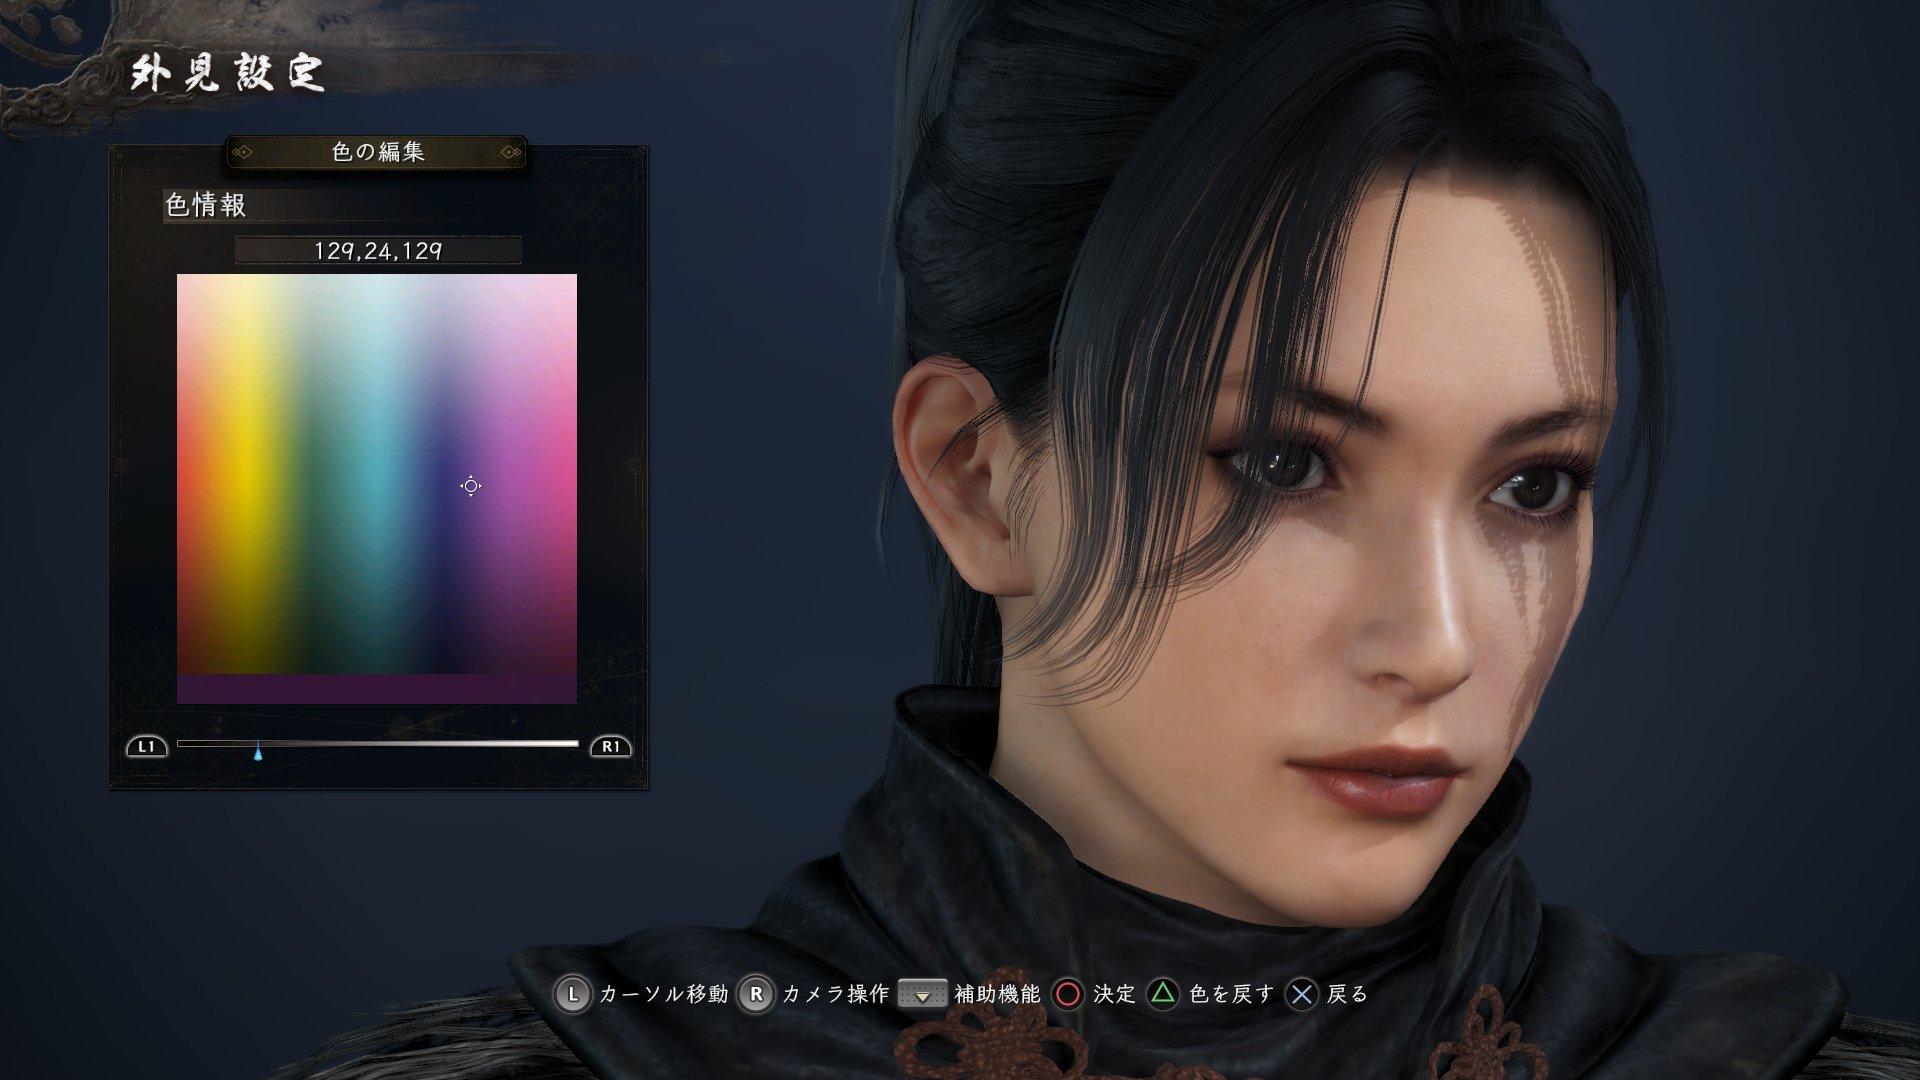 《仁王2》官方公布游戏角色创建捏脸设定